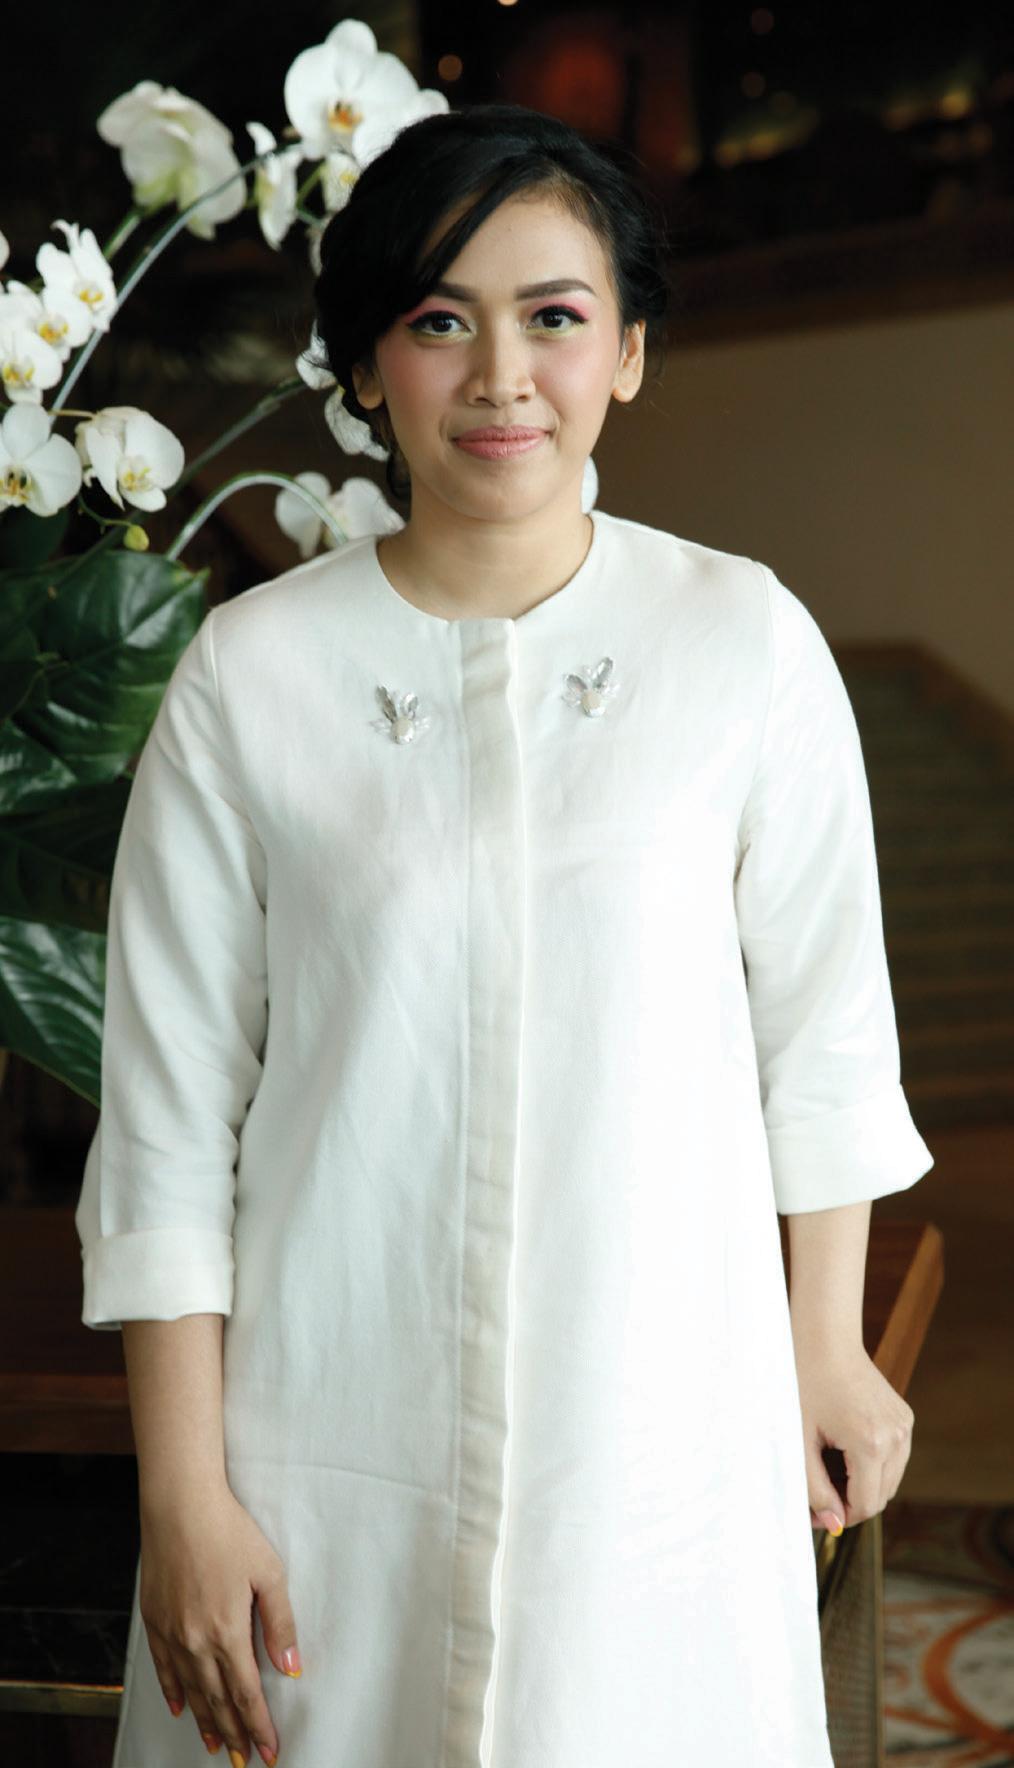 Dampak Indonesia Fashion Forward bagi Karier Desainer Anindita Siswandi